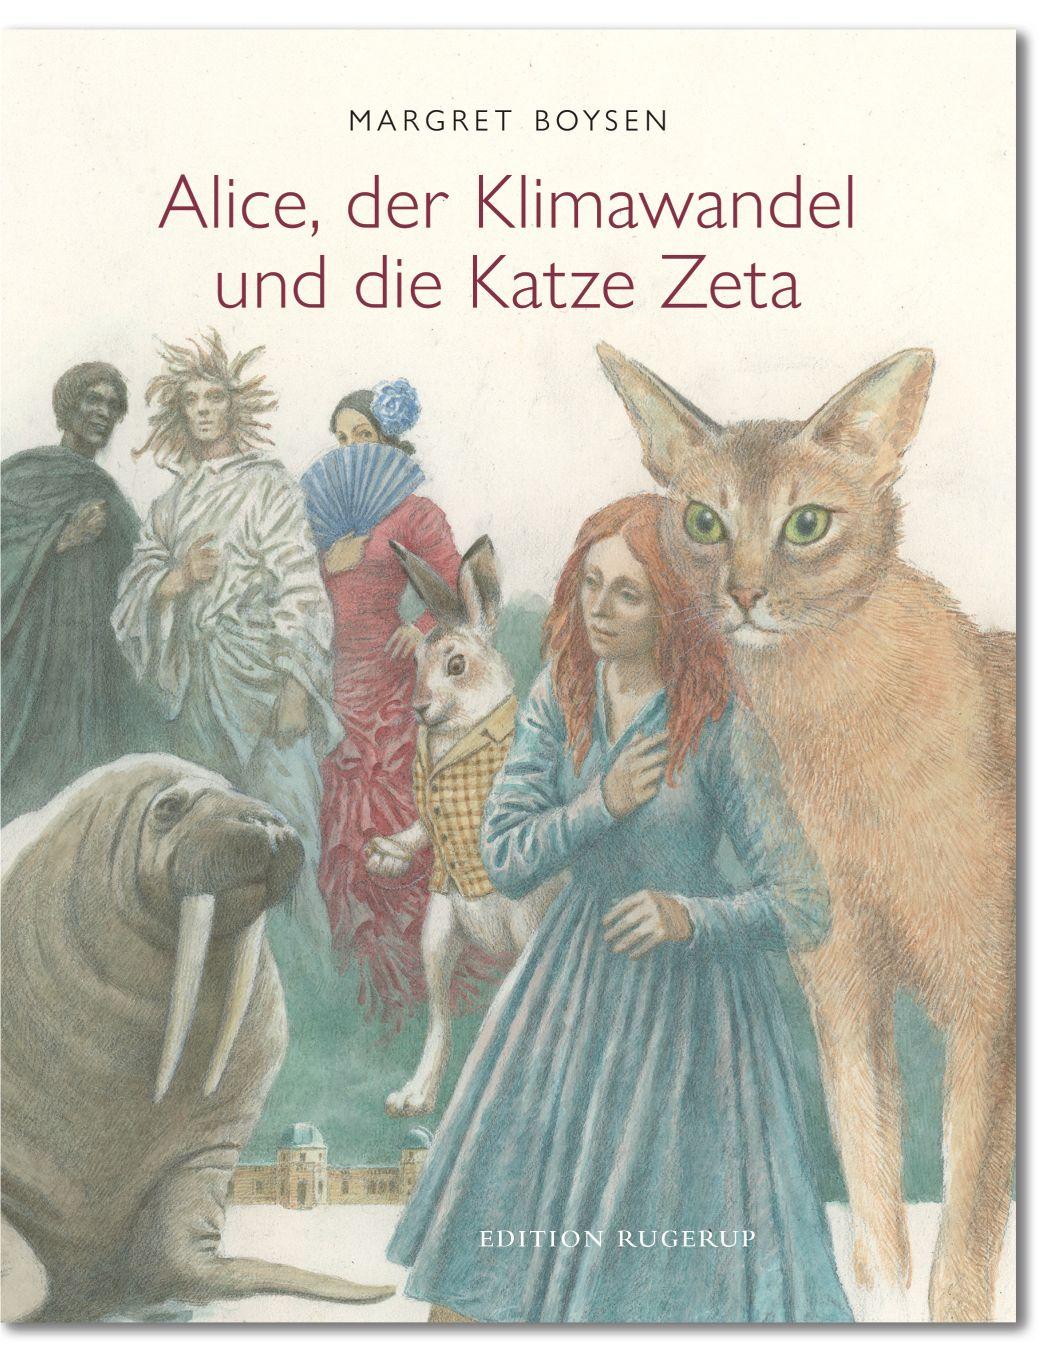 Alice, der Klimawandel und die Katze Zeta, Margret Boysen - Edition-rugerup.de Cover illustration Iassen Ghiuselev - Titel © PIK